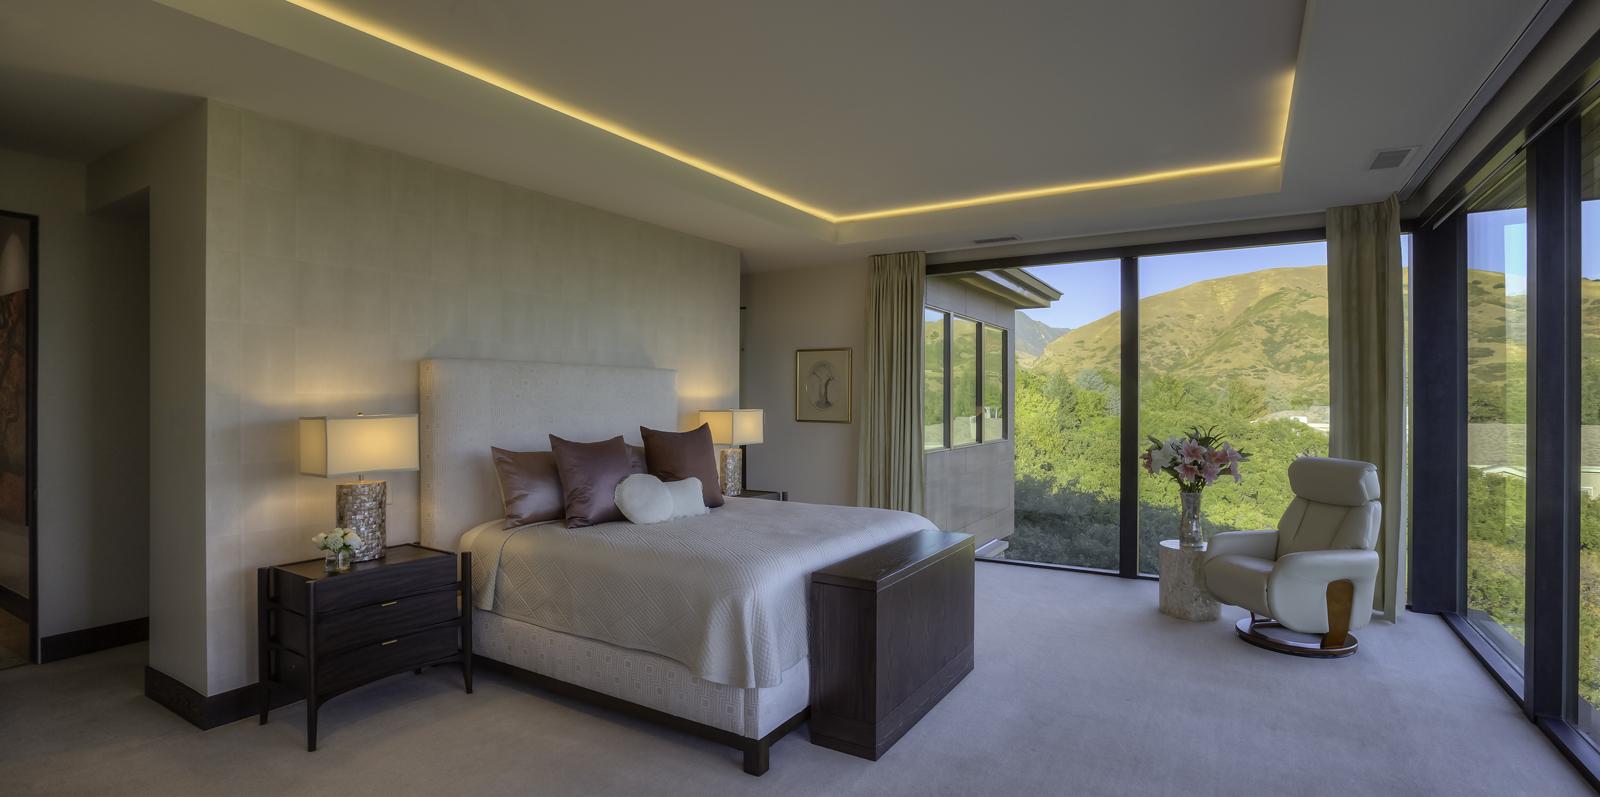 McArthur-3806-14a_E0E8654c_Cheryl_s-Master-Bedroom